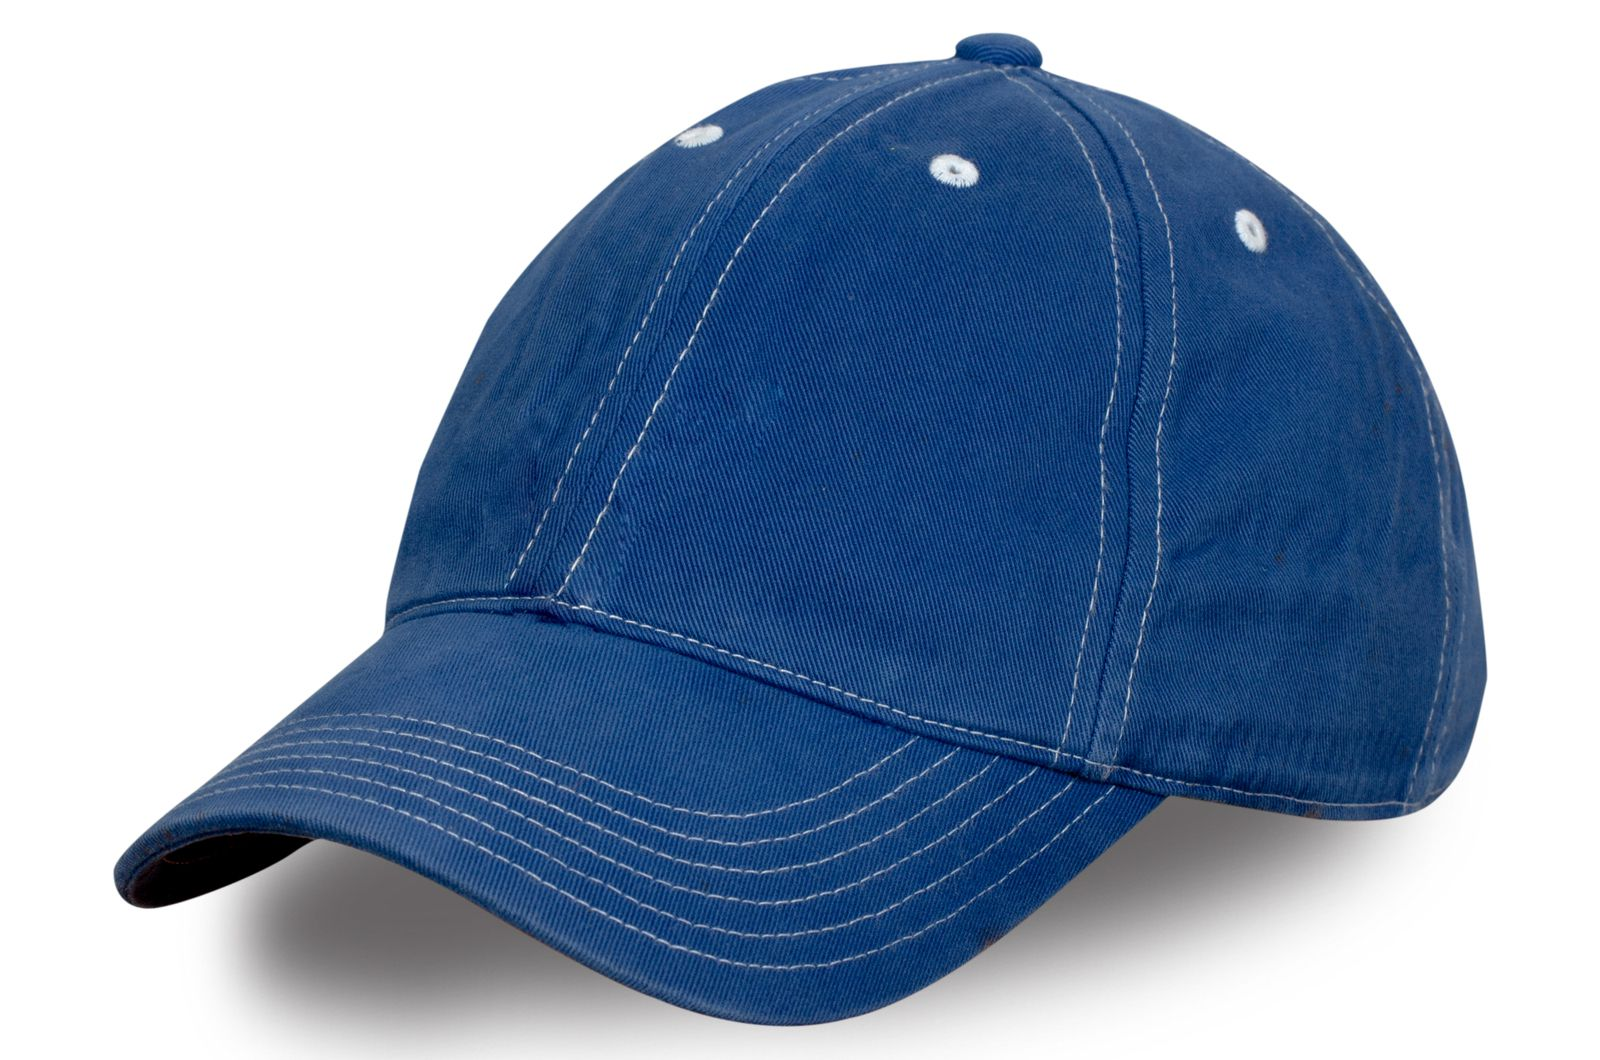 Джинсовая бейсболка синяя